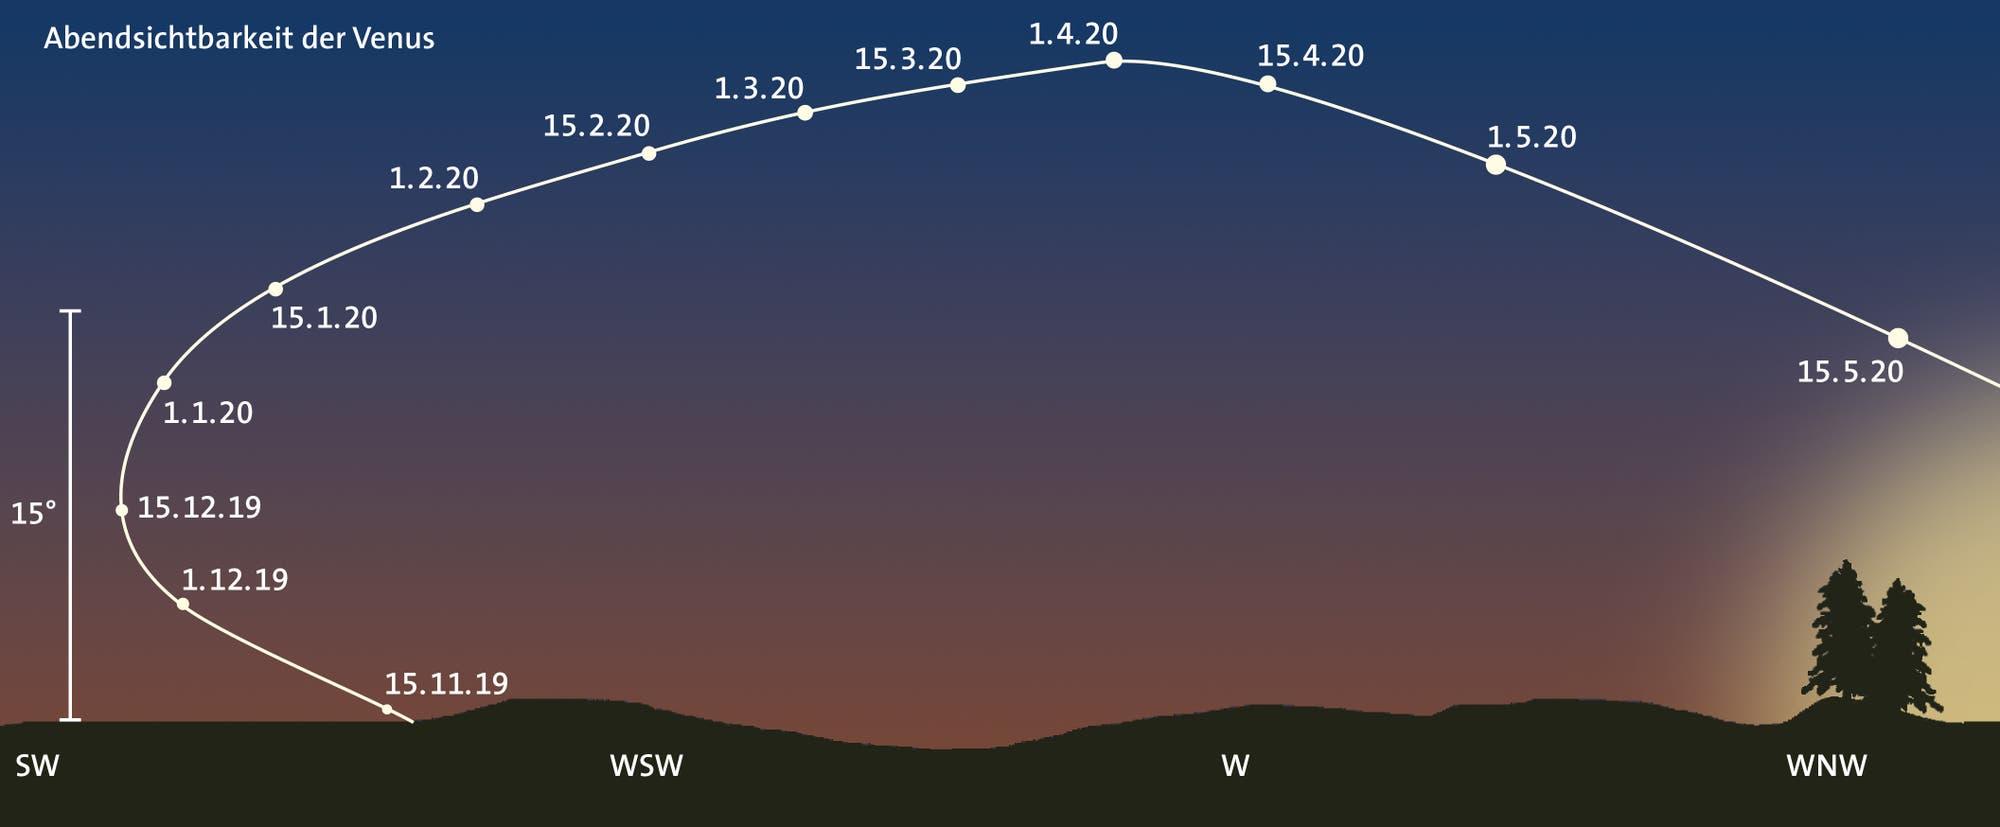 Abendsichtbarkeit der Venus